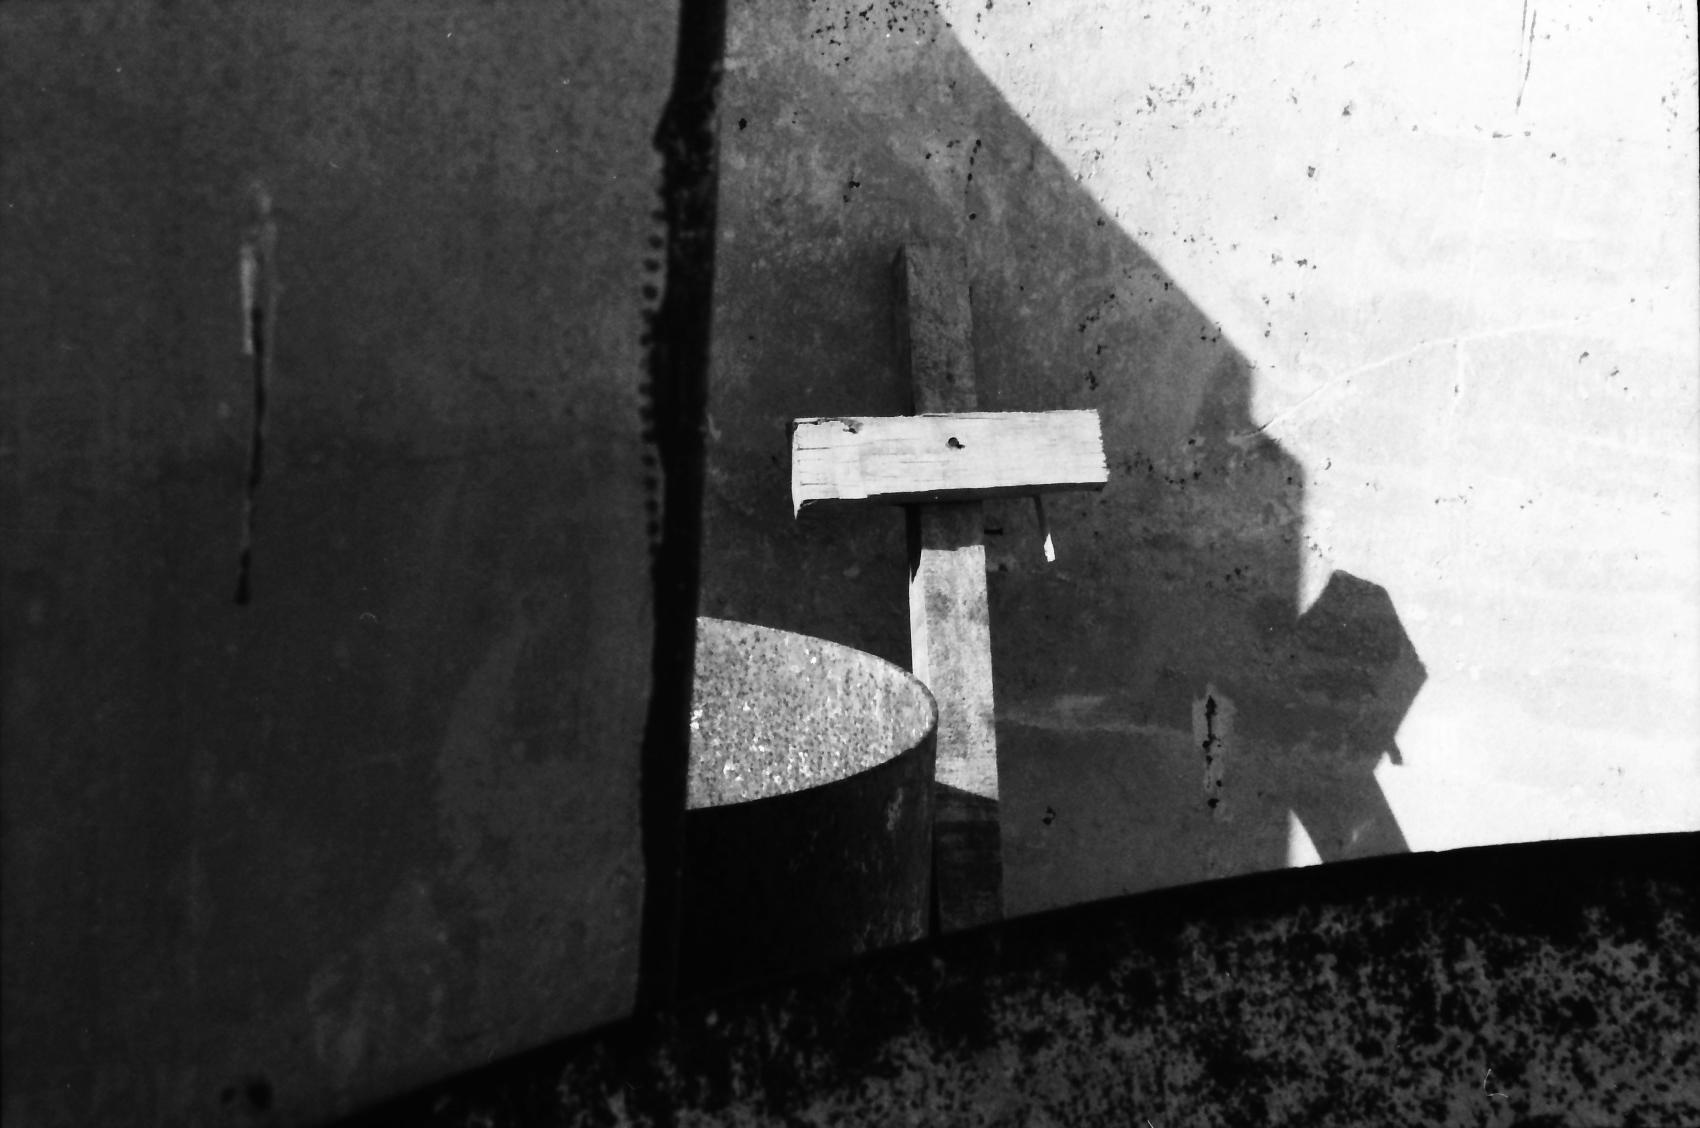 CRUX, SILVER GELATIN PRINT, 2008